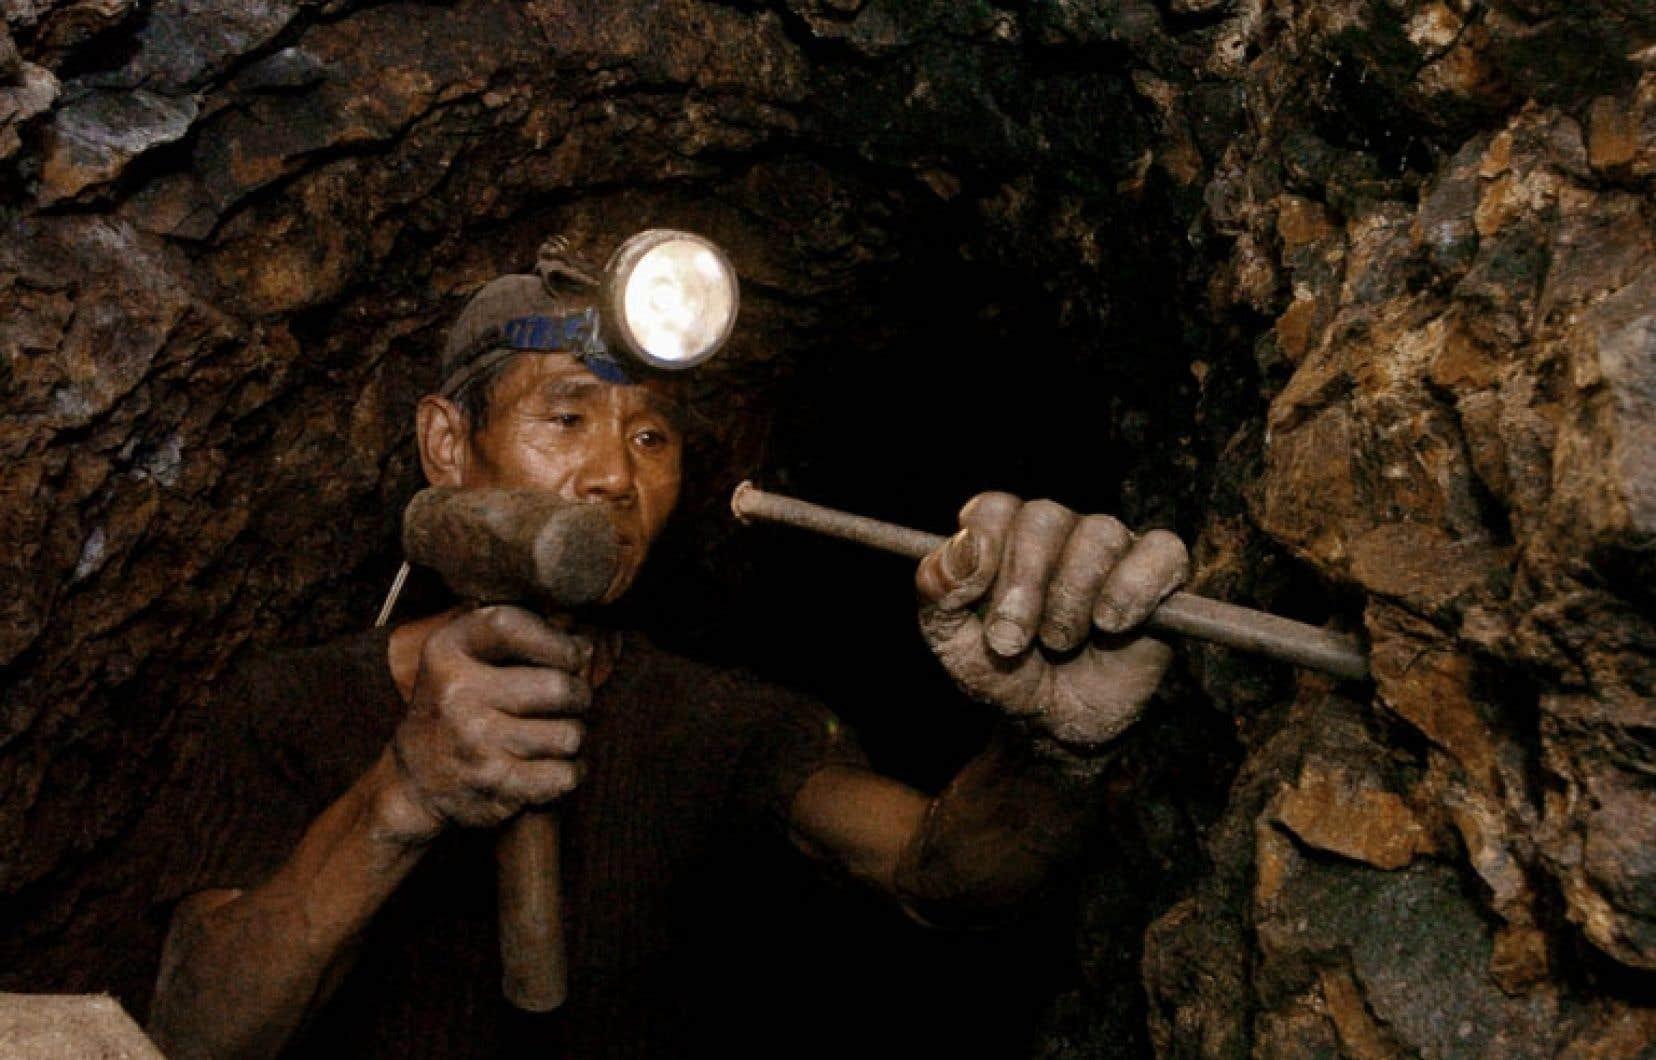 L'exploitation minière dans les pays du Sud, comme aux Philippines notamment, inquiète Développement et paix.